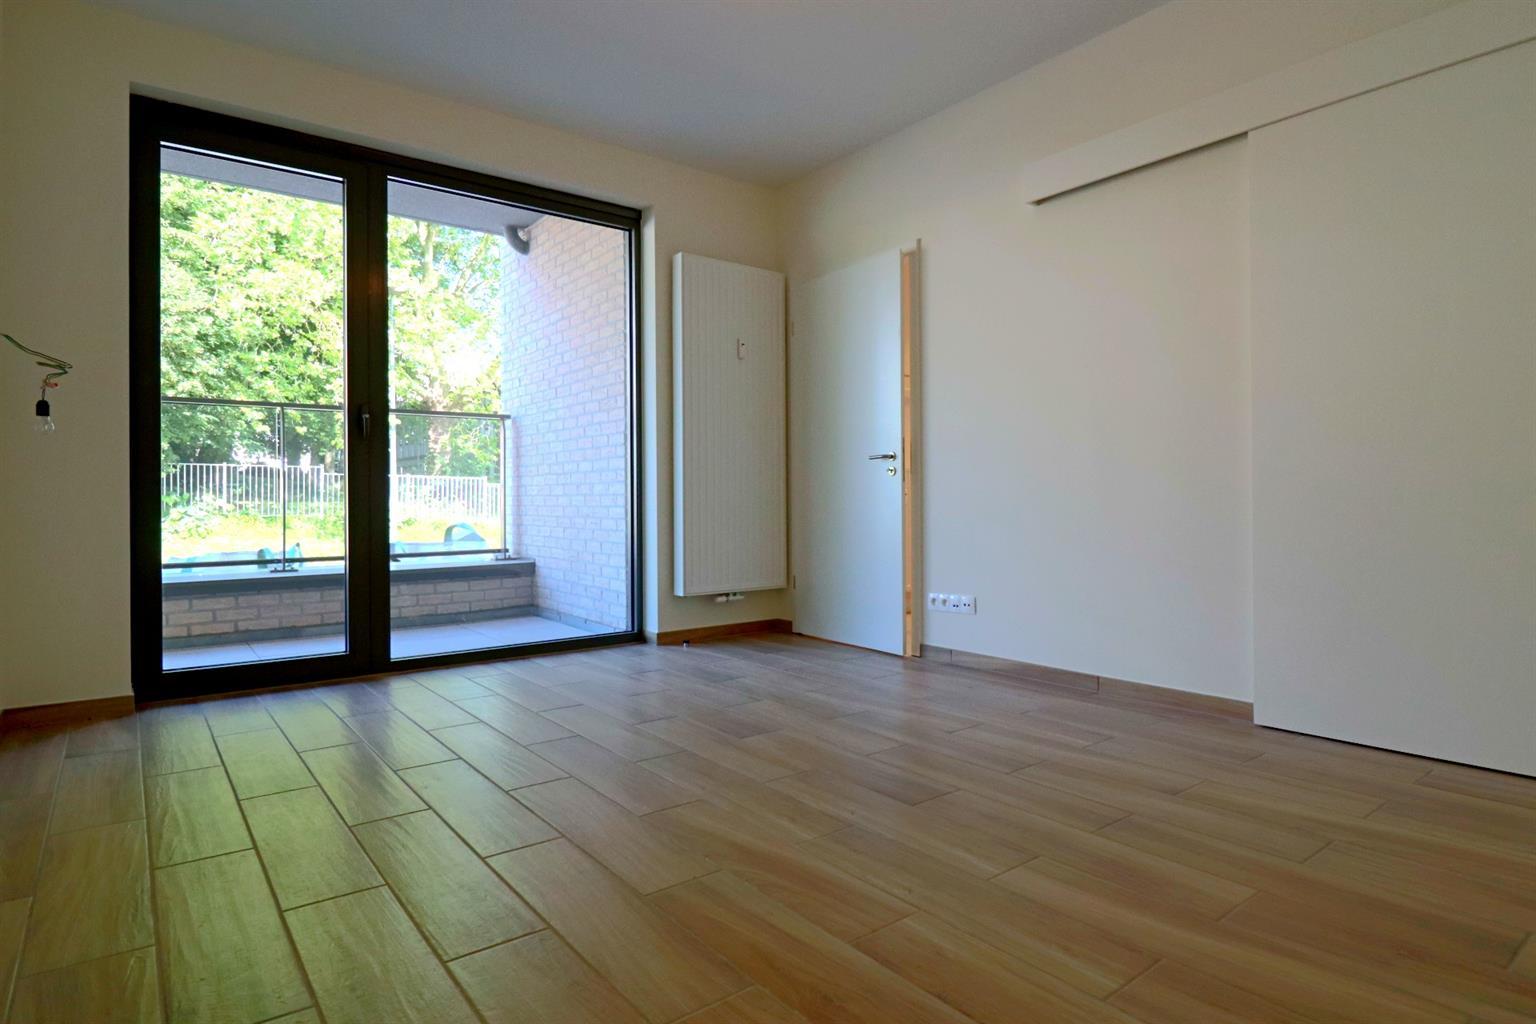 Appartement - Ottignies-Louvain-la-Neuve - #4406699-4